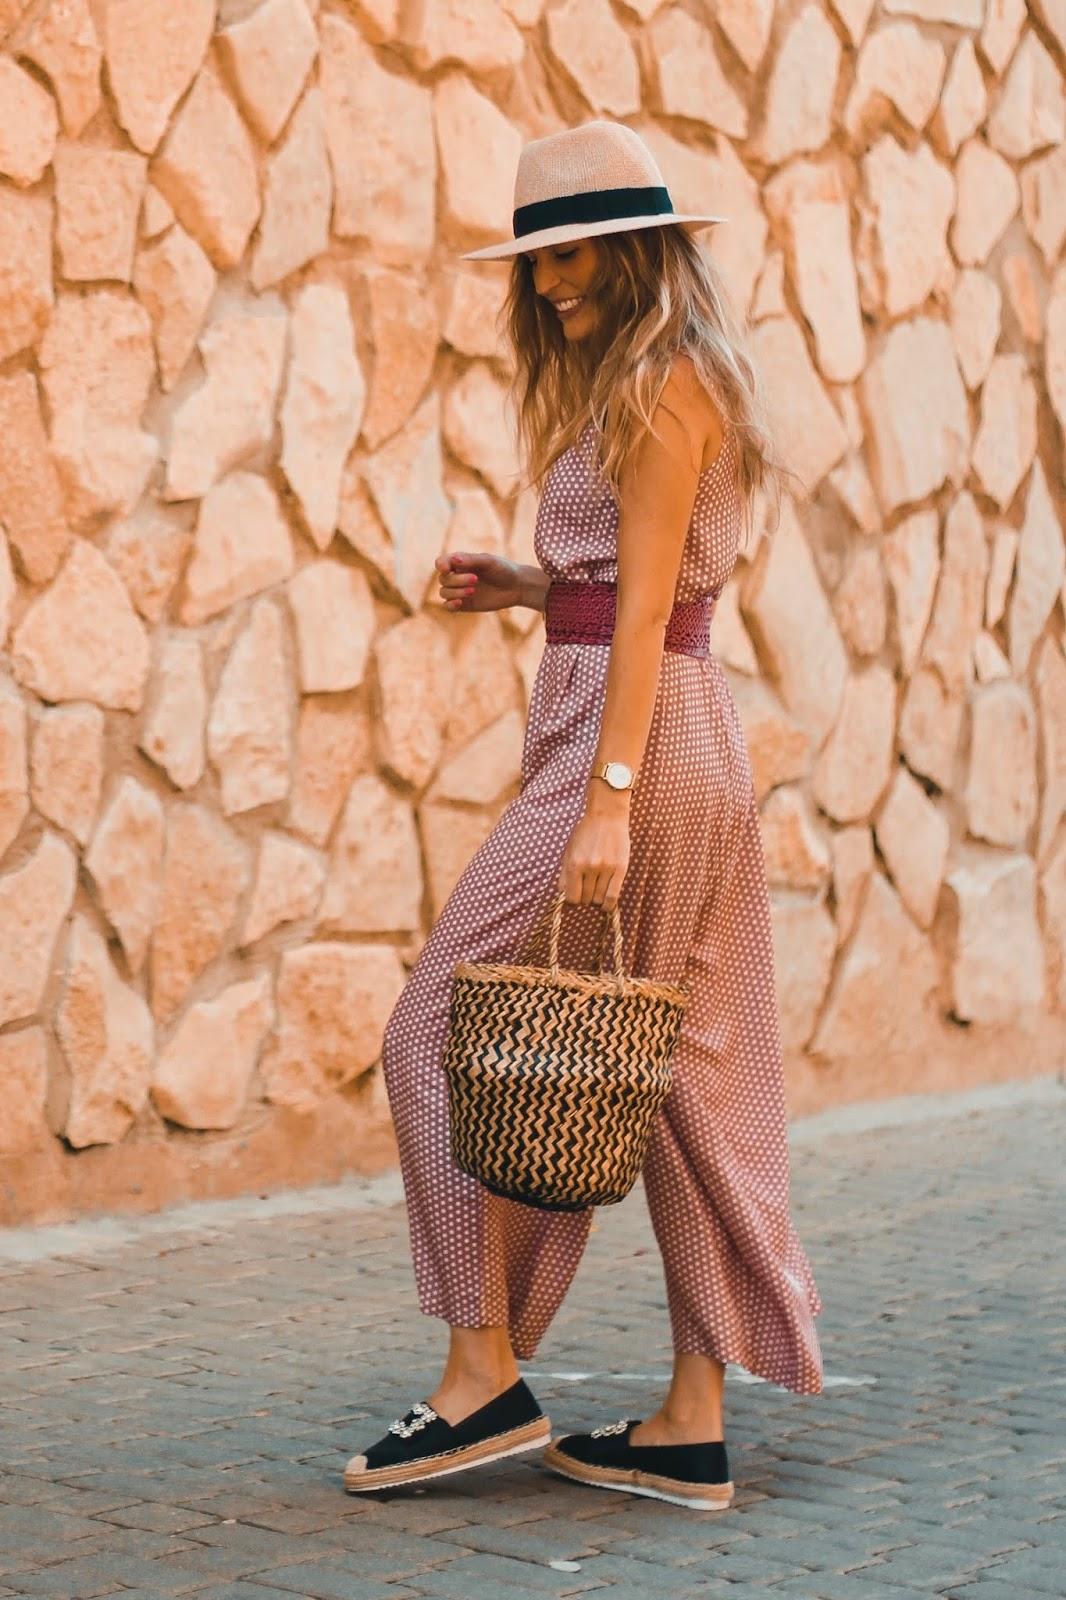 tendencias moda verano 2018